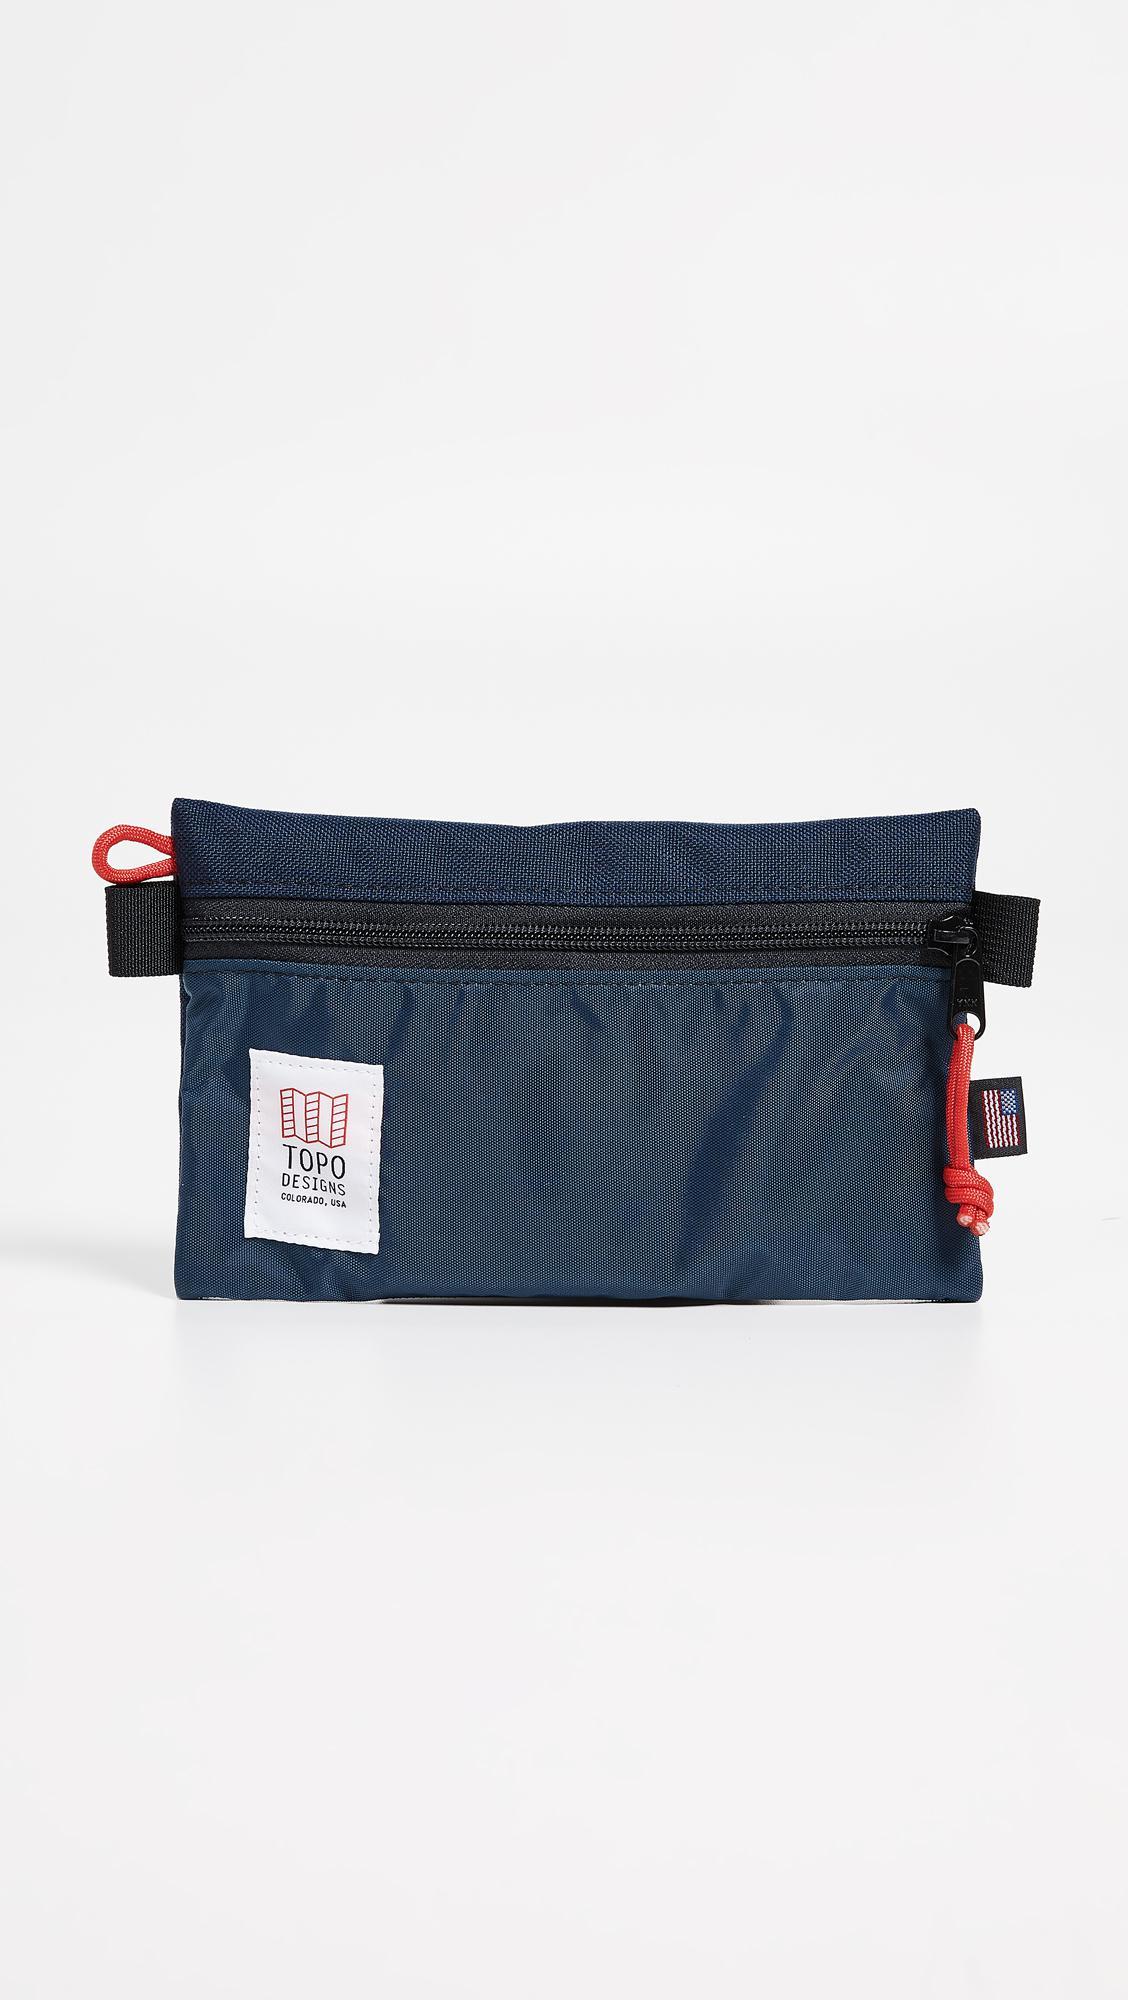 03c09e2869 Topo Designs Small Accessory Bag in Blue for Men - Lyst